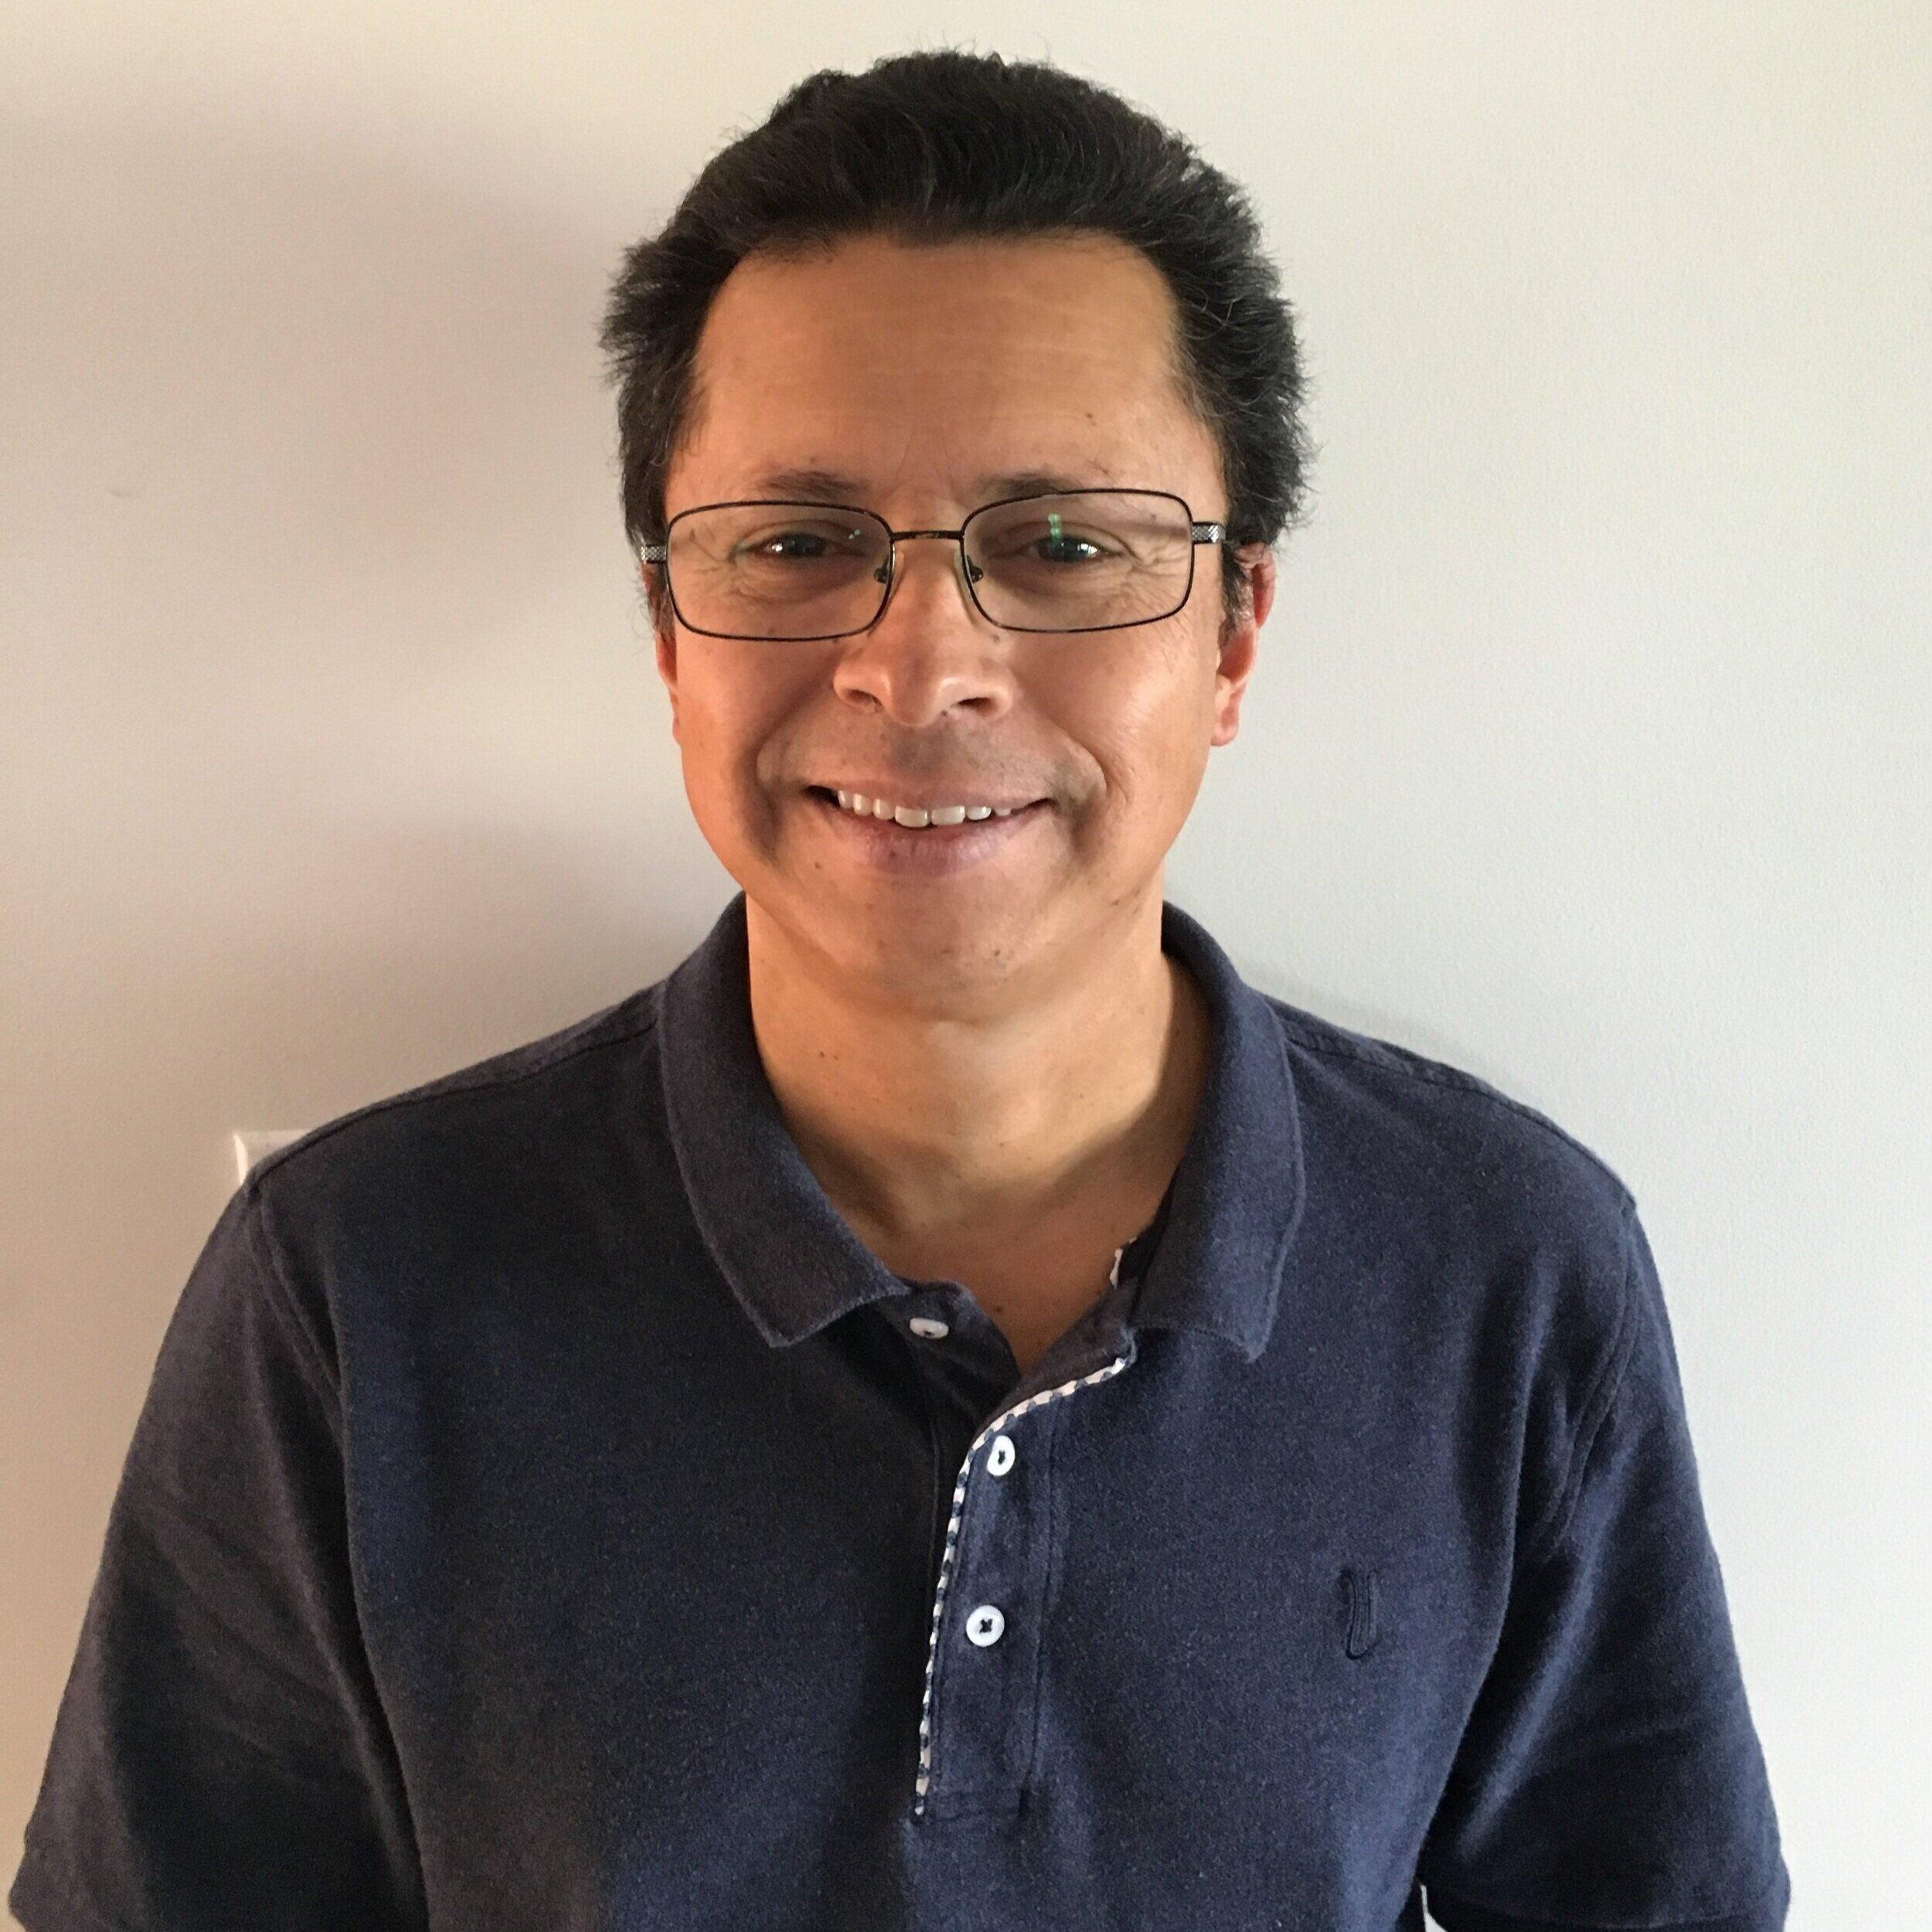 Gustavo Rusinque